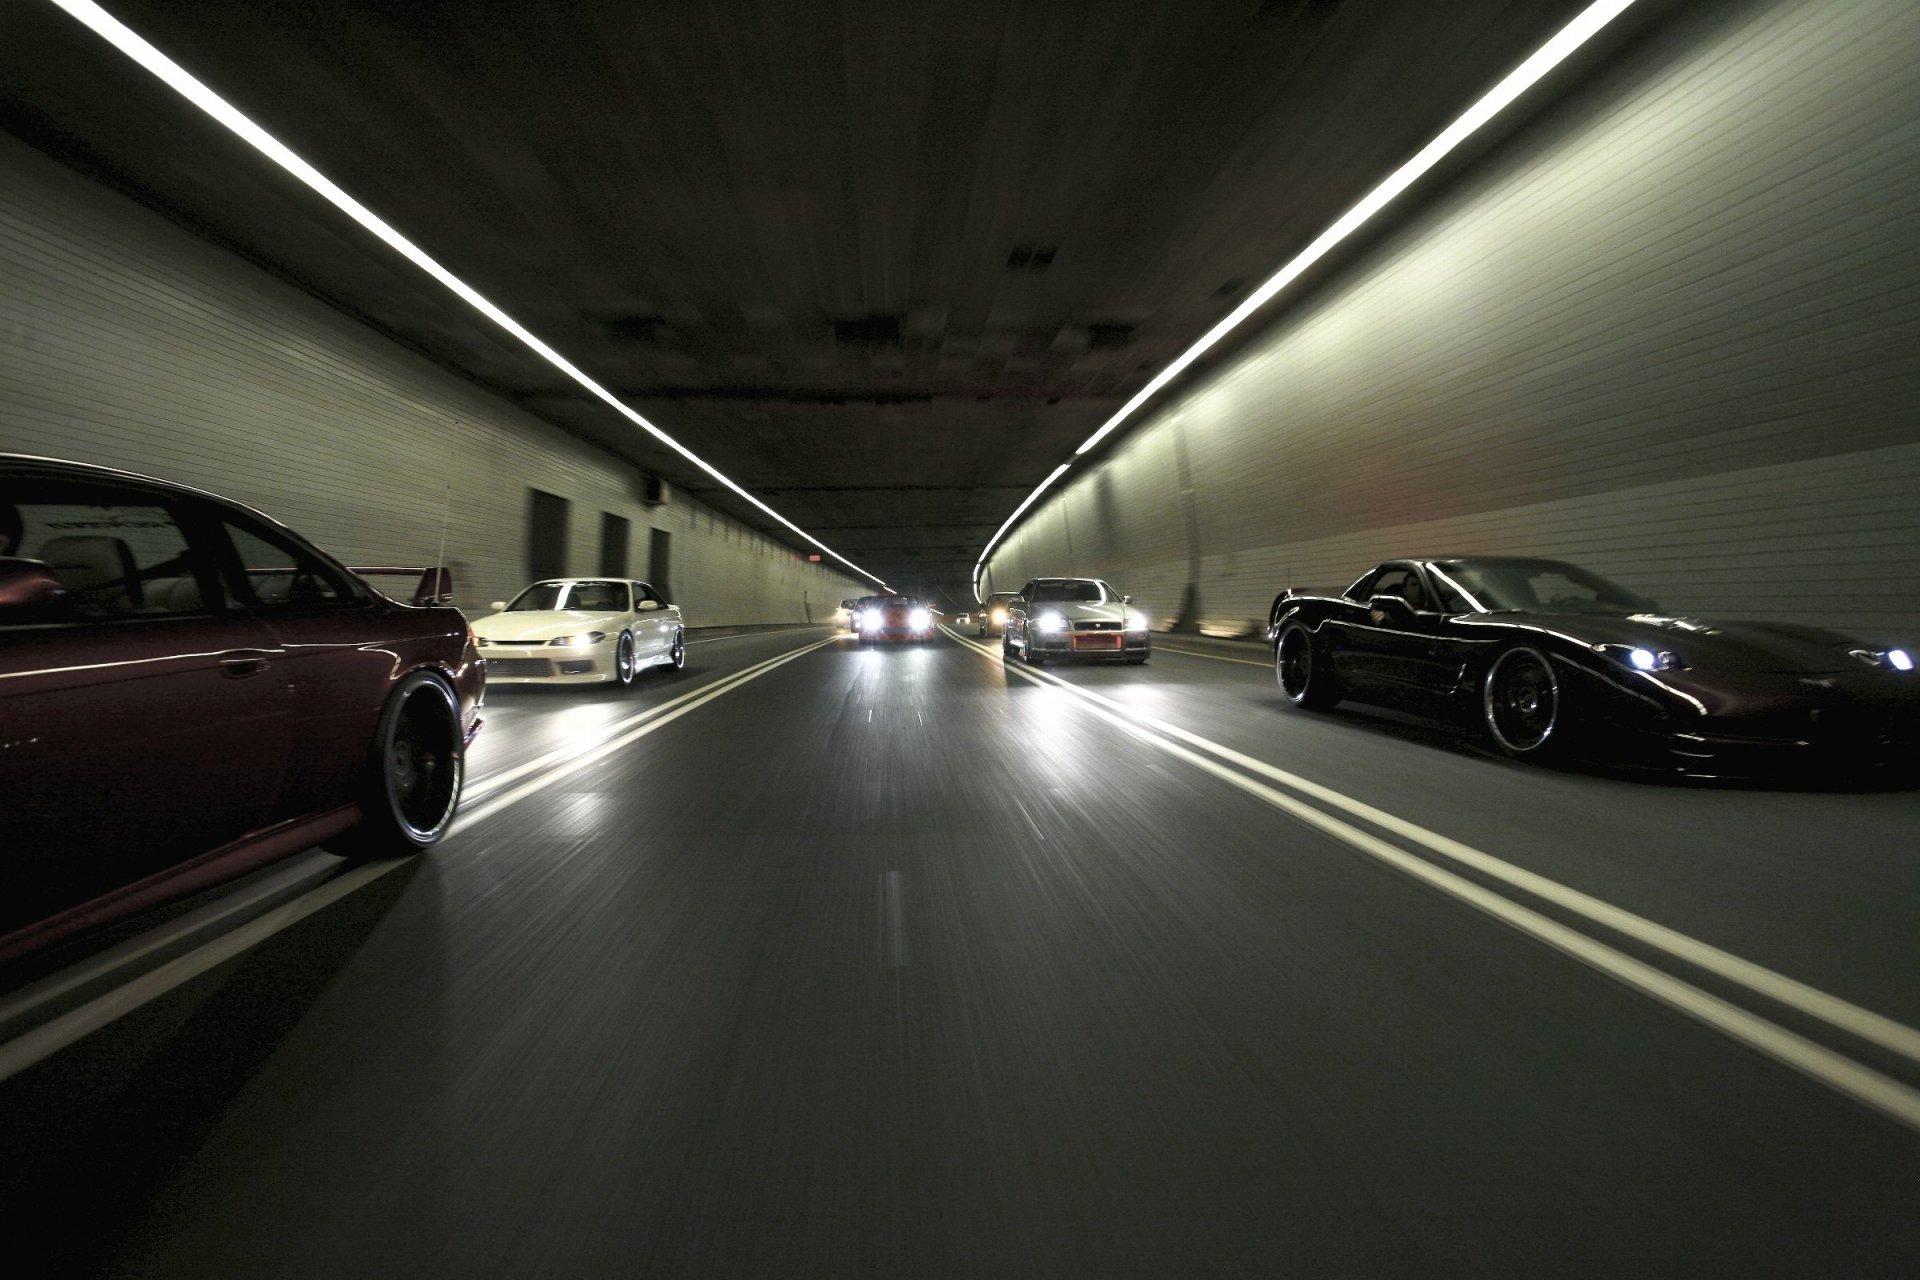 Vehicles - Car  Wallpaper